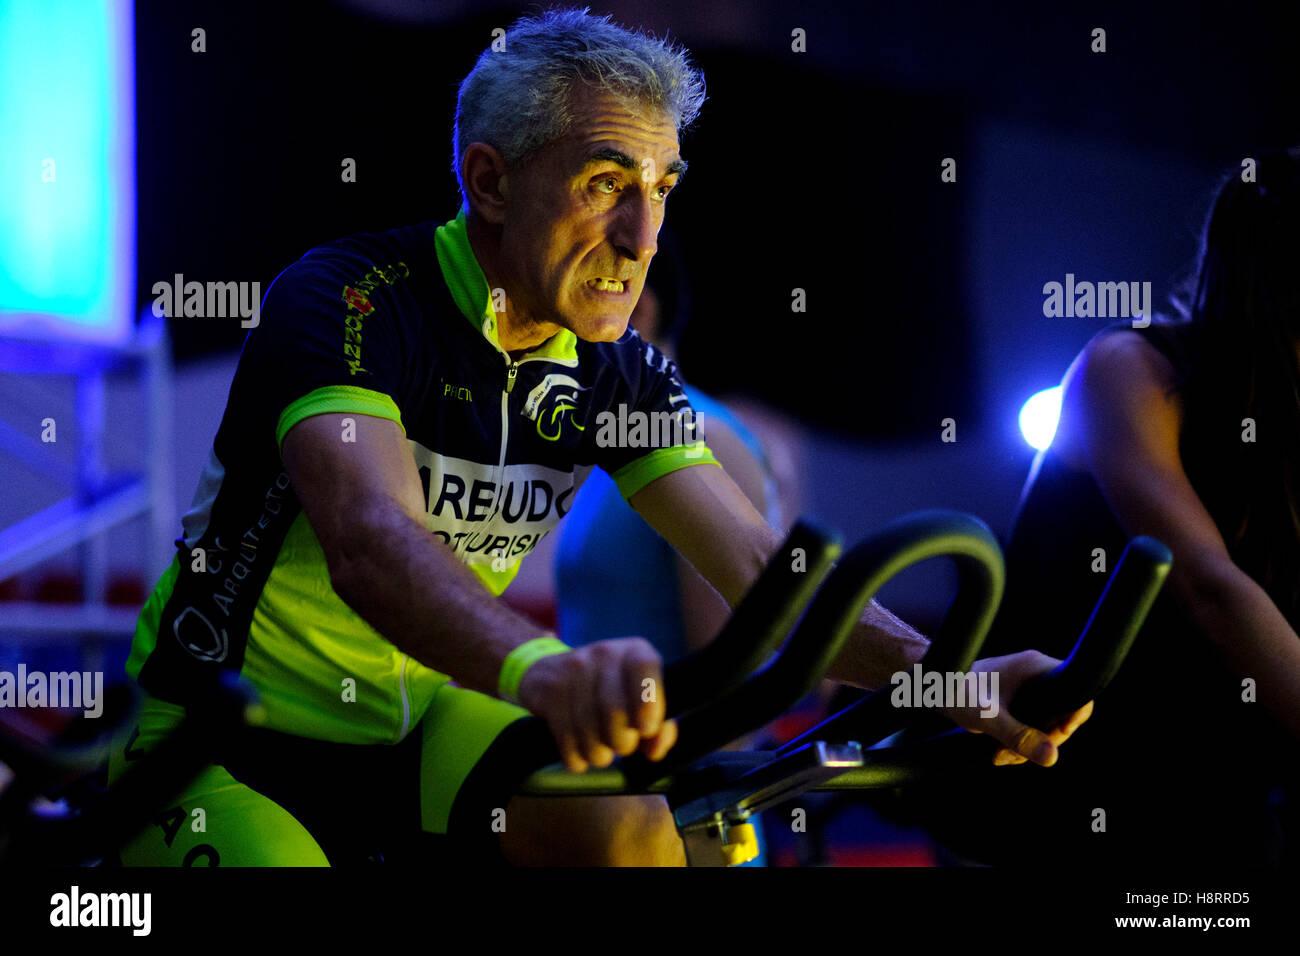 Hombre montando bicicleta estacionaria durante una clase de spinning en el gimnasio Imagen De Stock